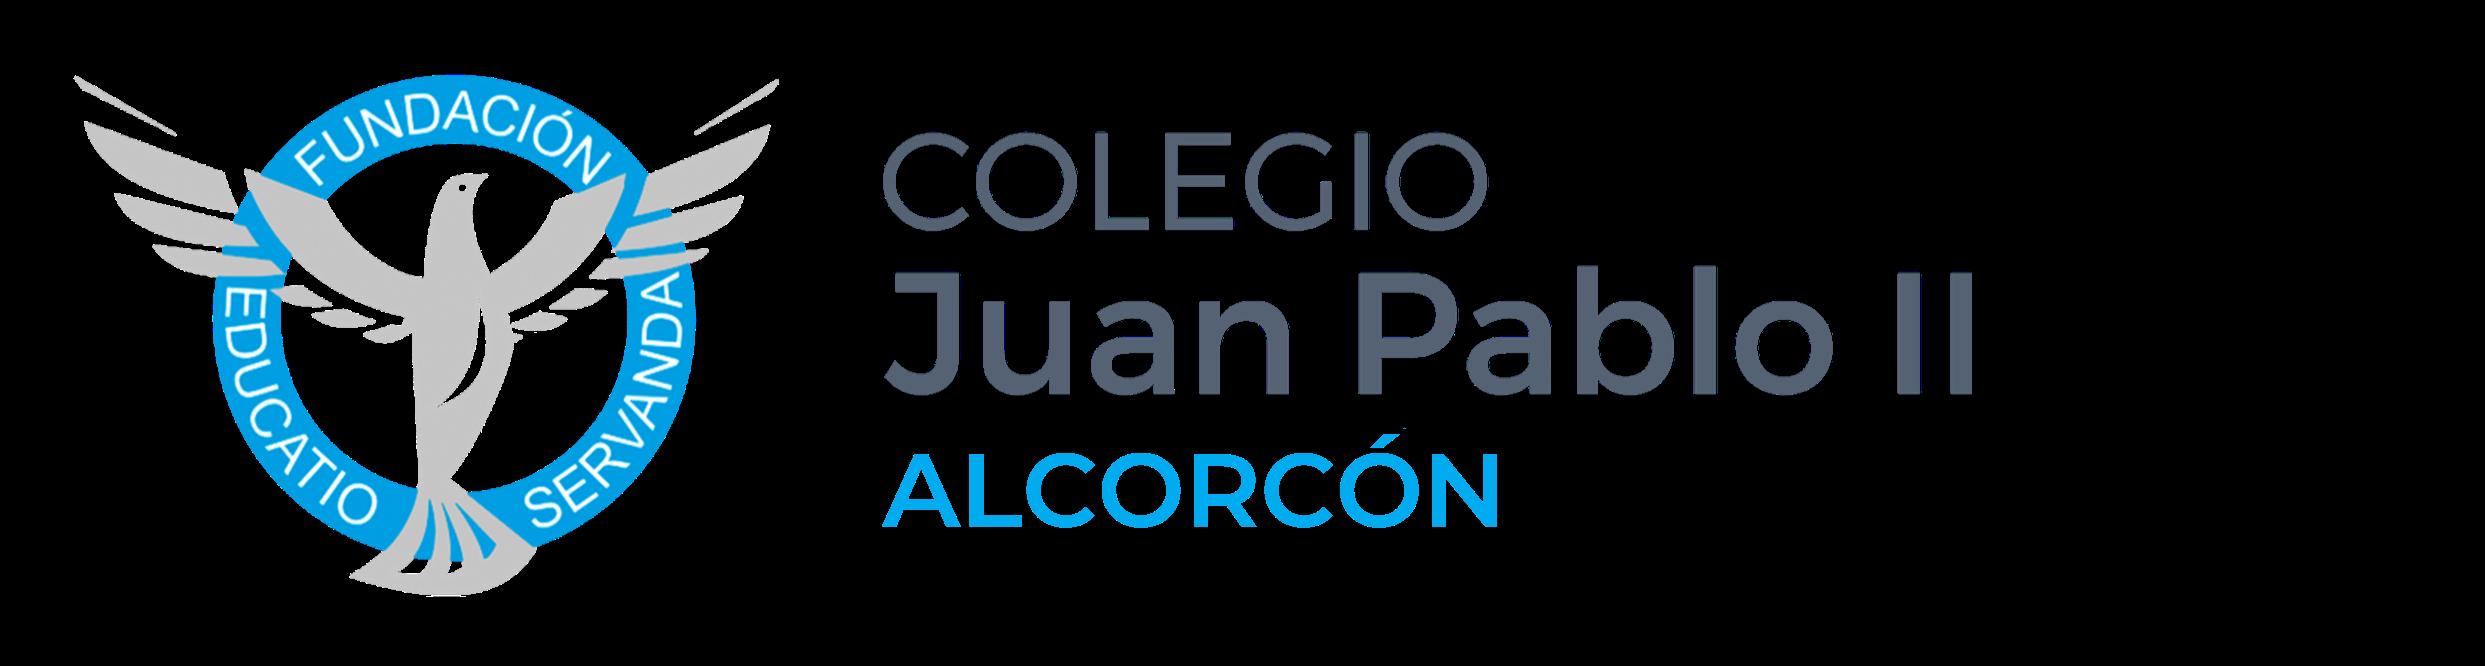 Colegio Juan Pablo II – Alcorcón Logo